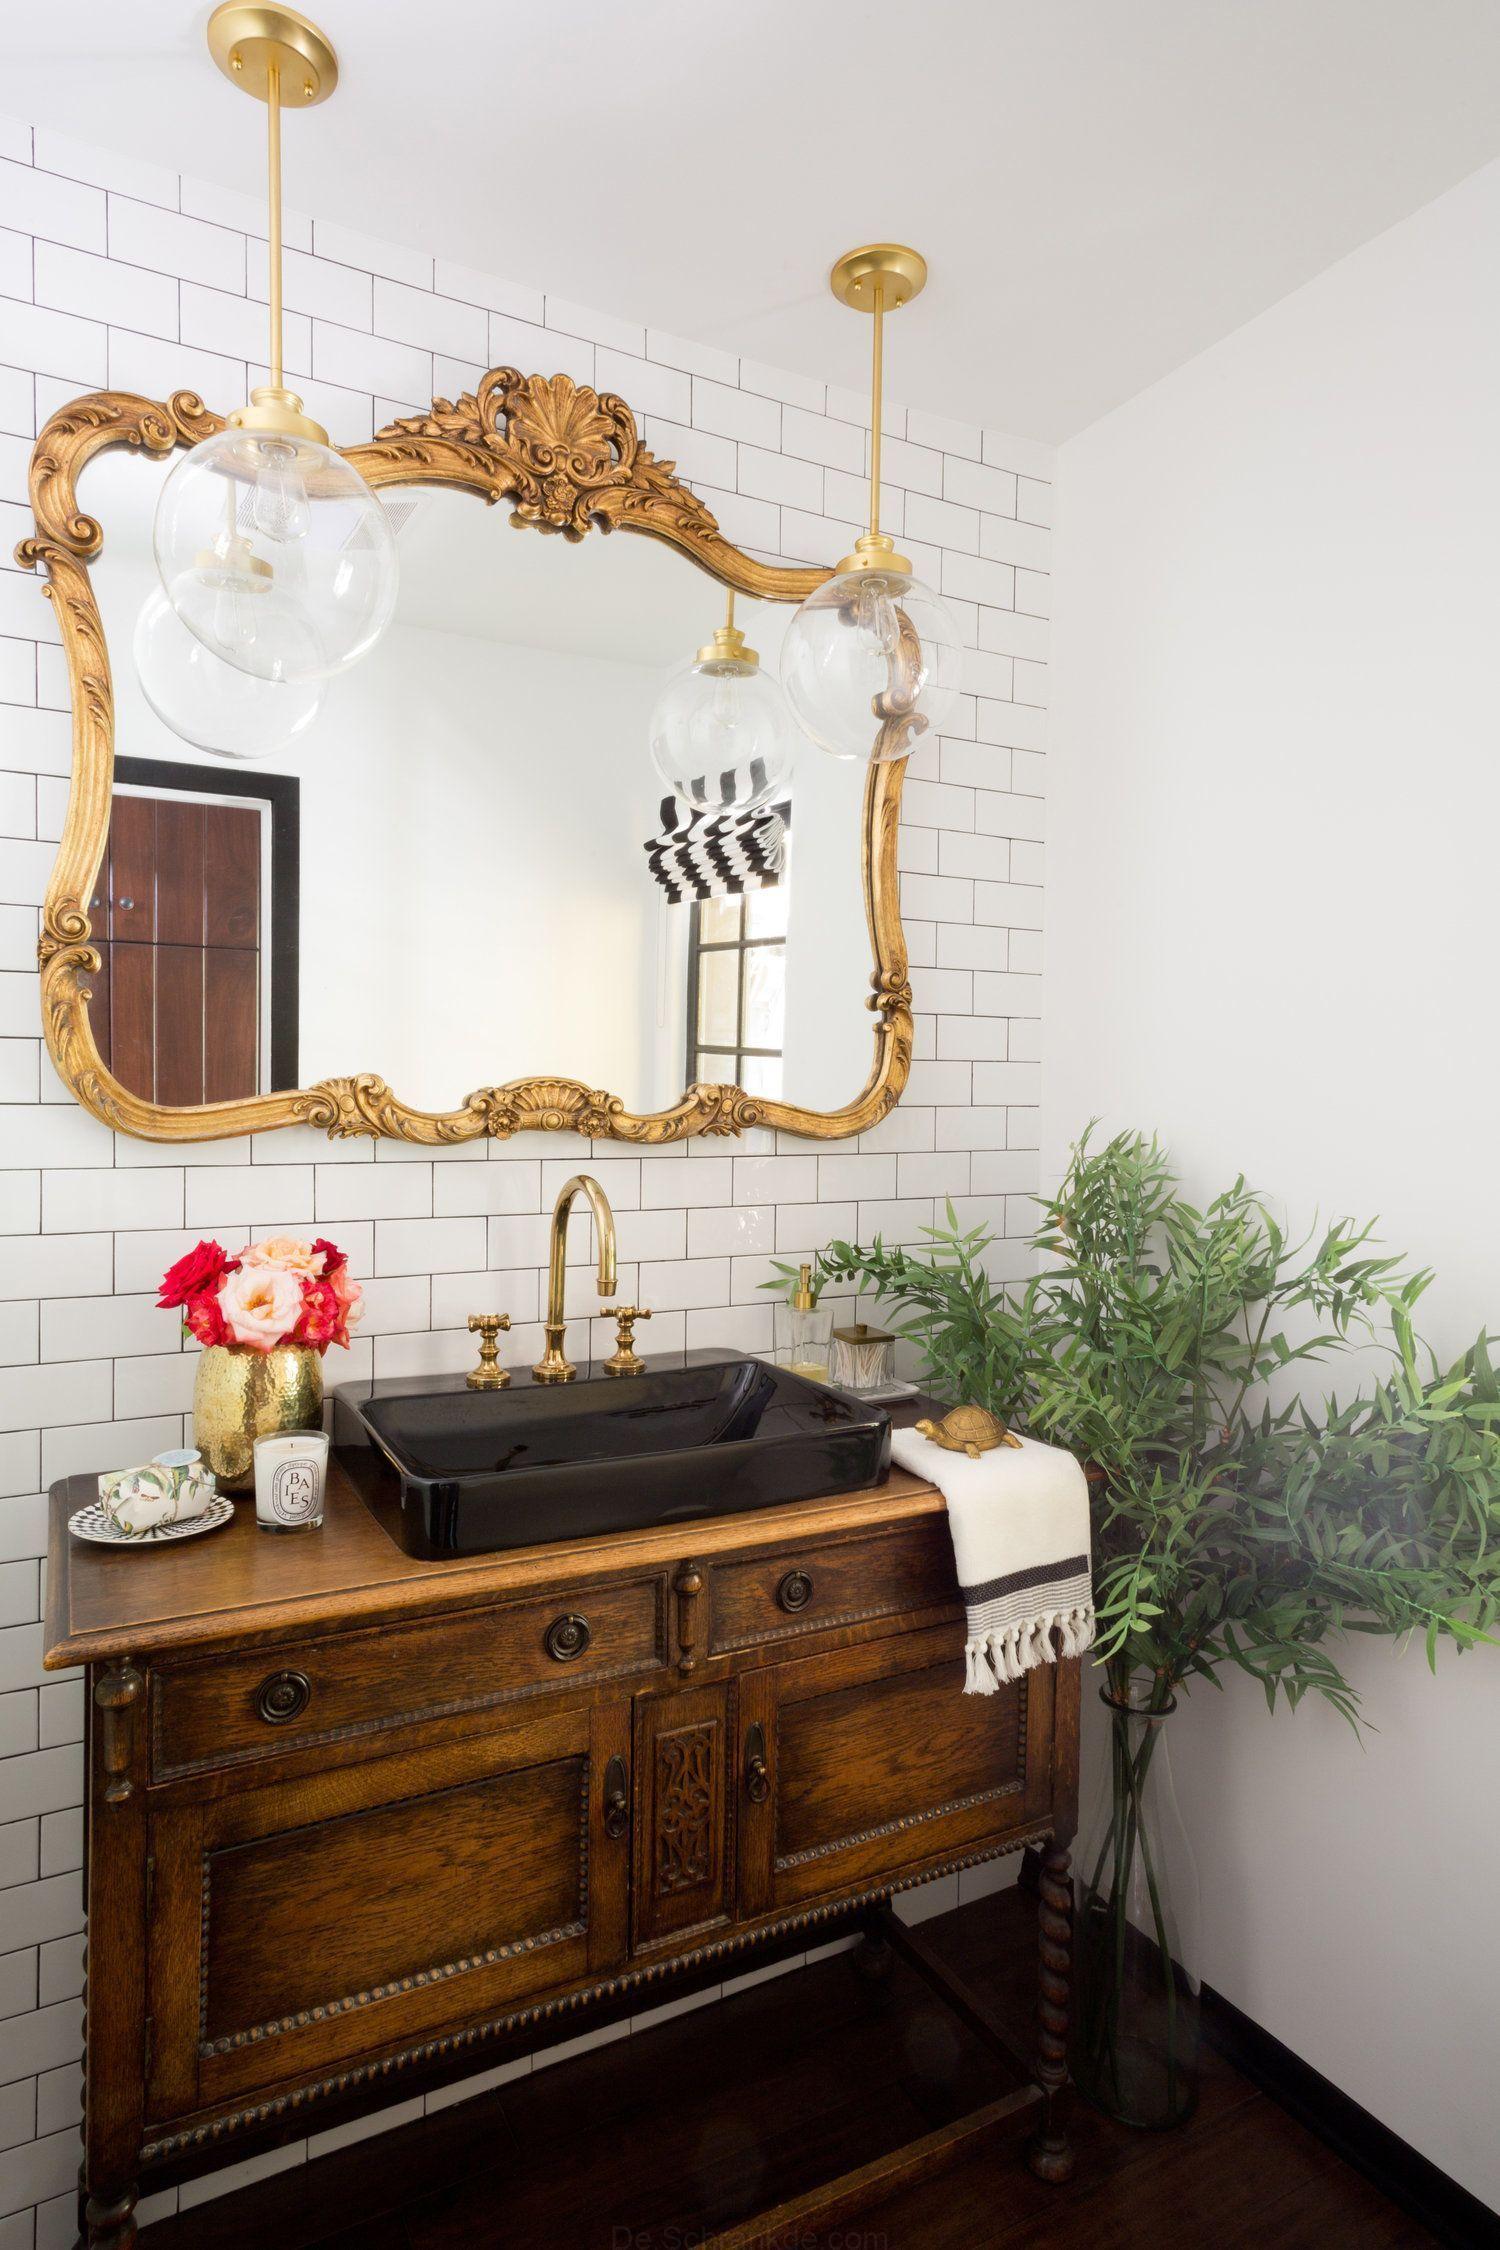 Lesen Sie Selbst Lernen Sie Unsere Interior Design Mitwirkenden Landliche Badezimmer Badezimmer Renovieren Badezimmer Dekor